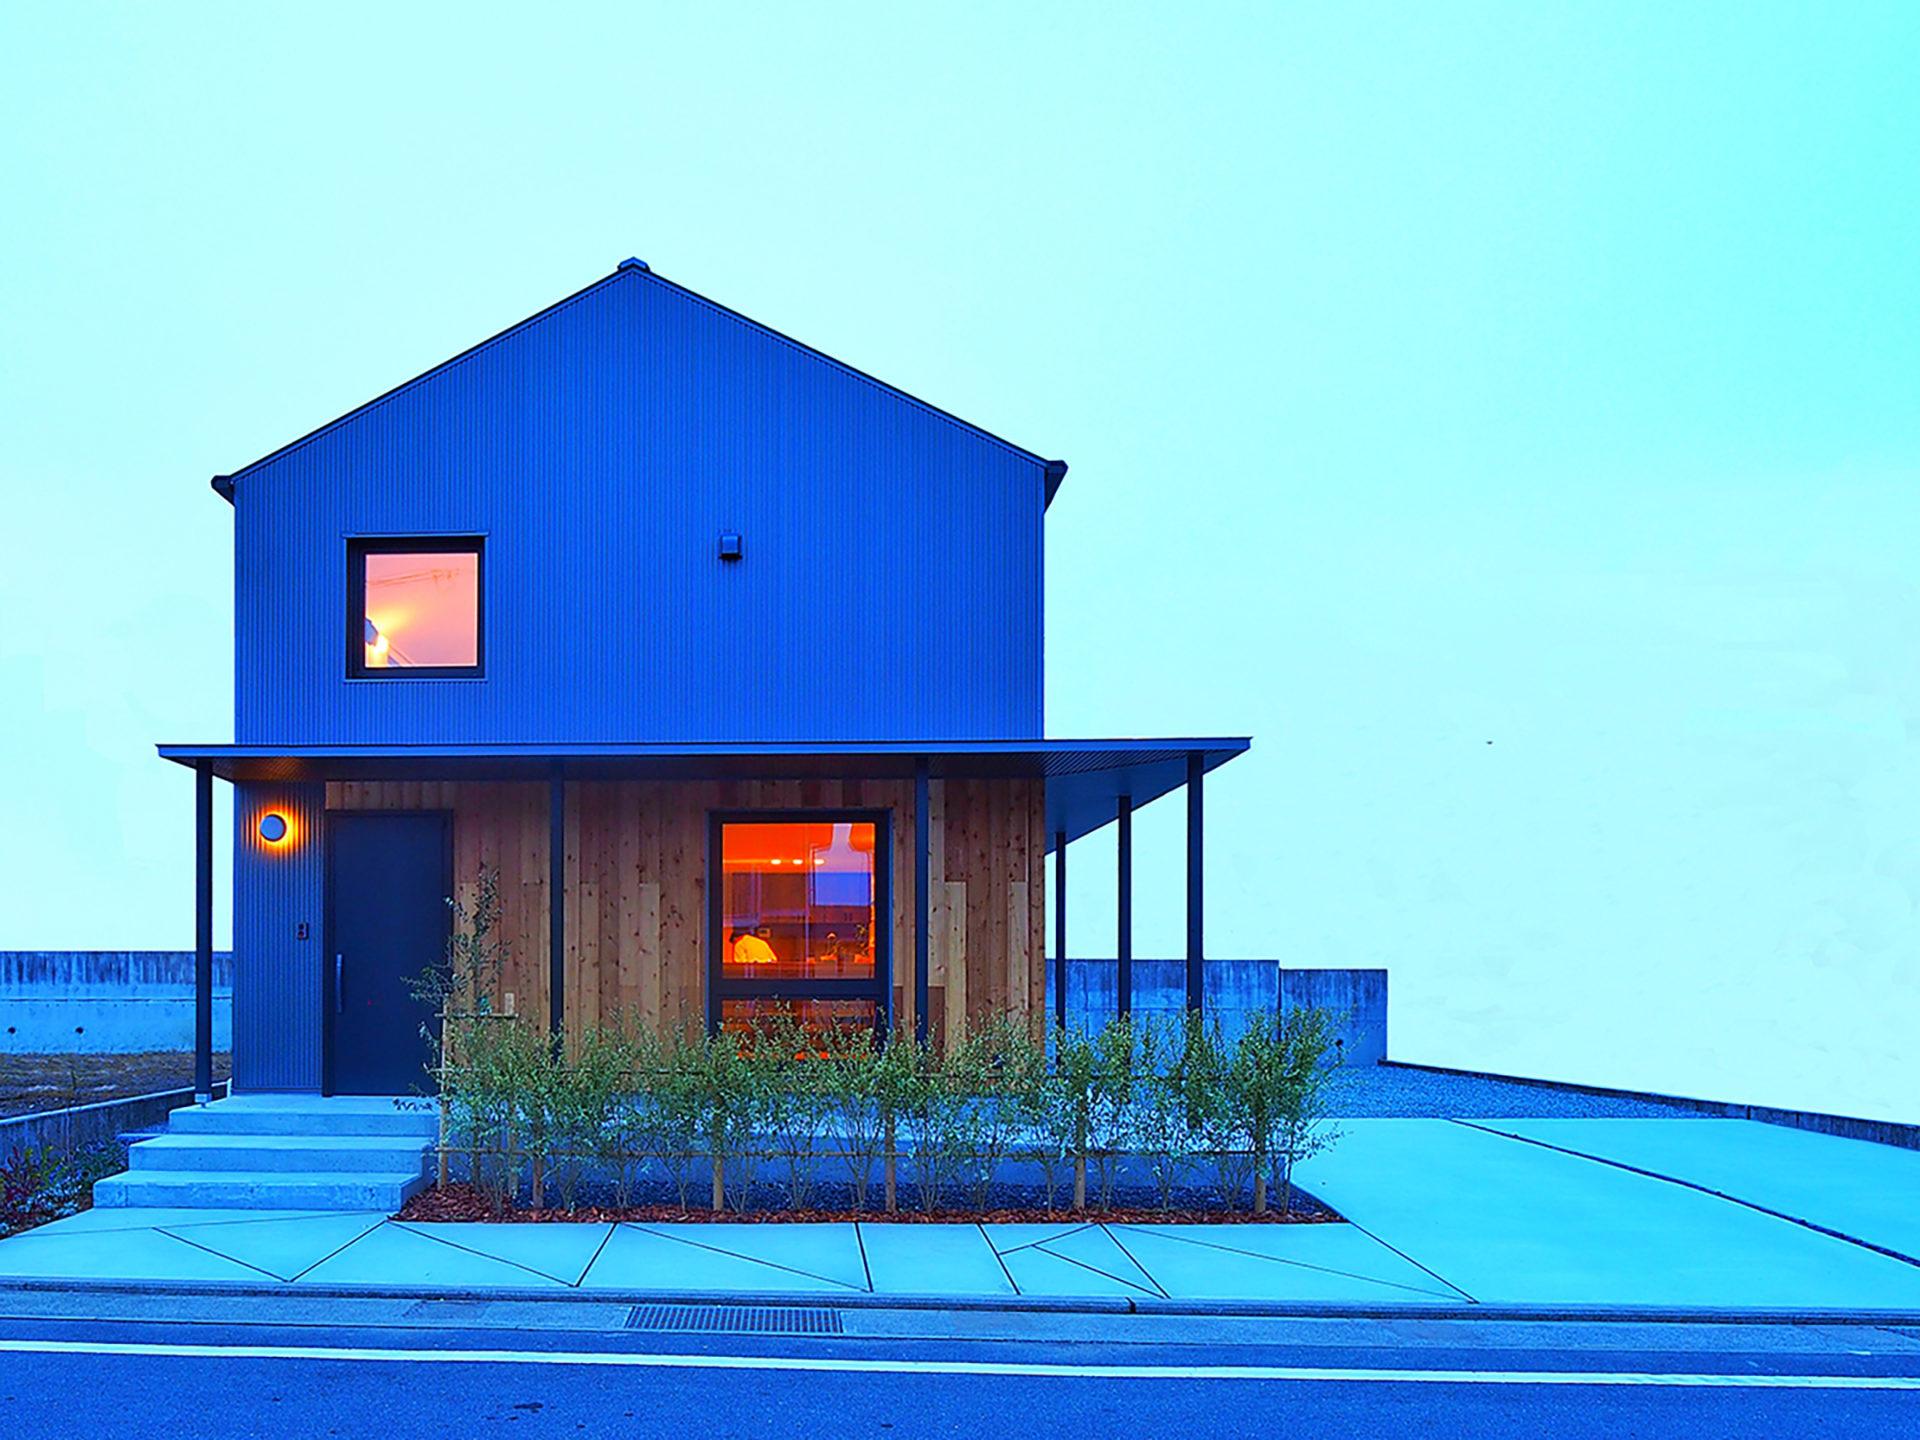 ETUSUSモデルハウス サステナブルデザイン住宅 業界最高水準の性能とデザイン・価格 上質な暮らしを満たす規格住宅